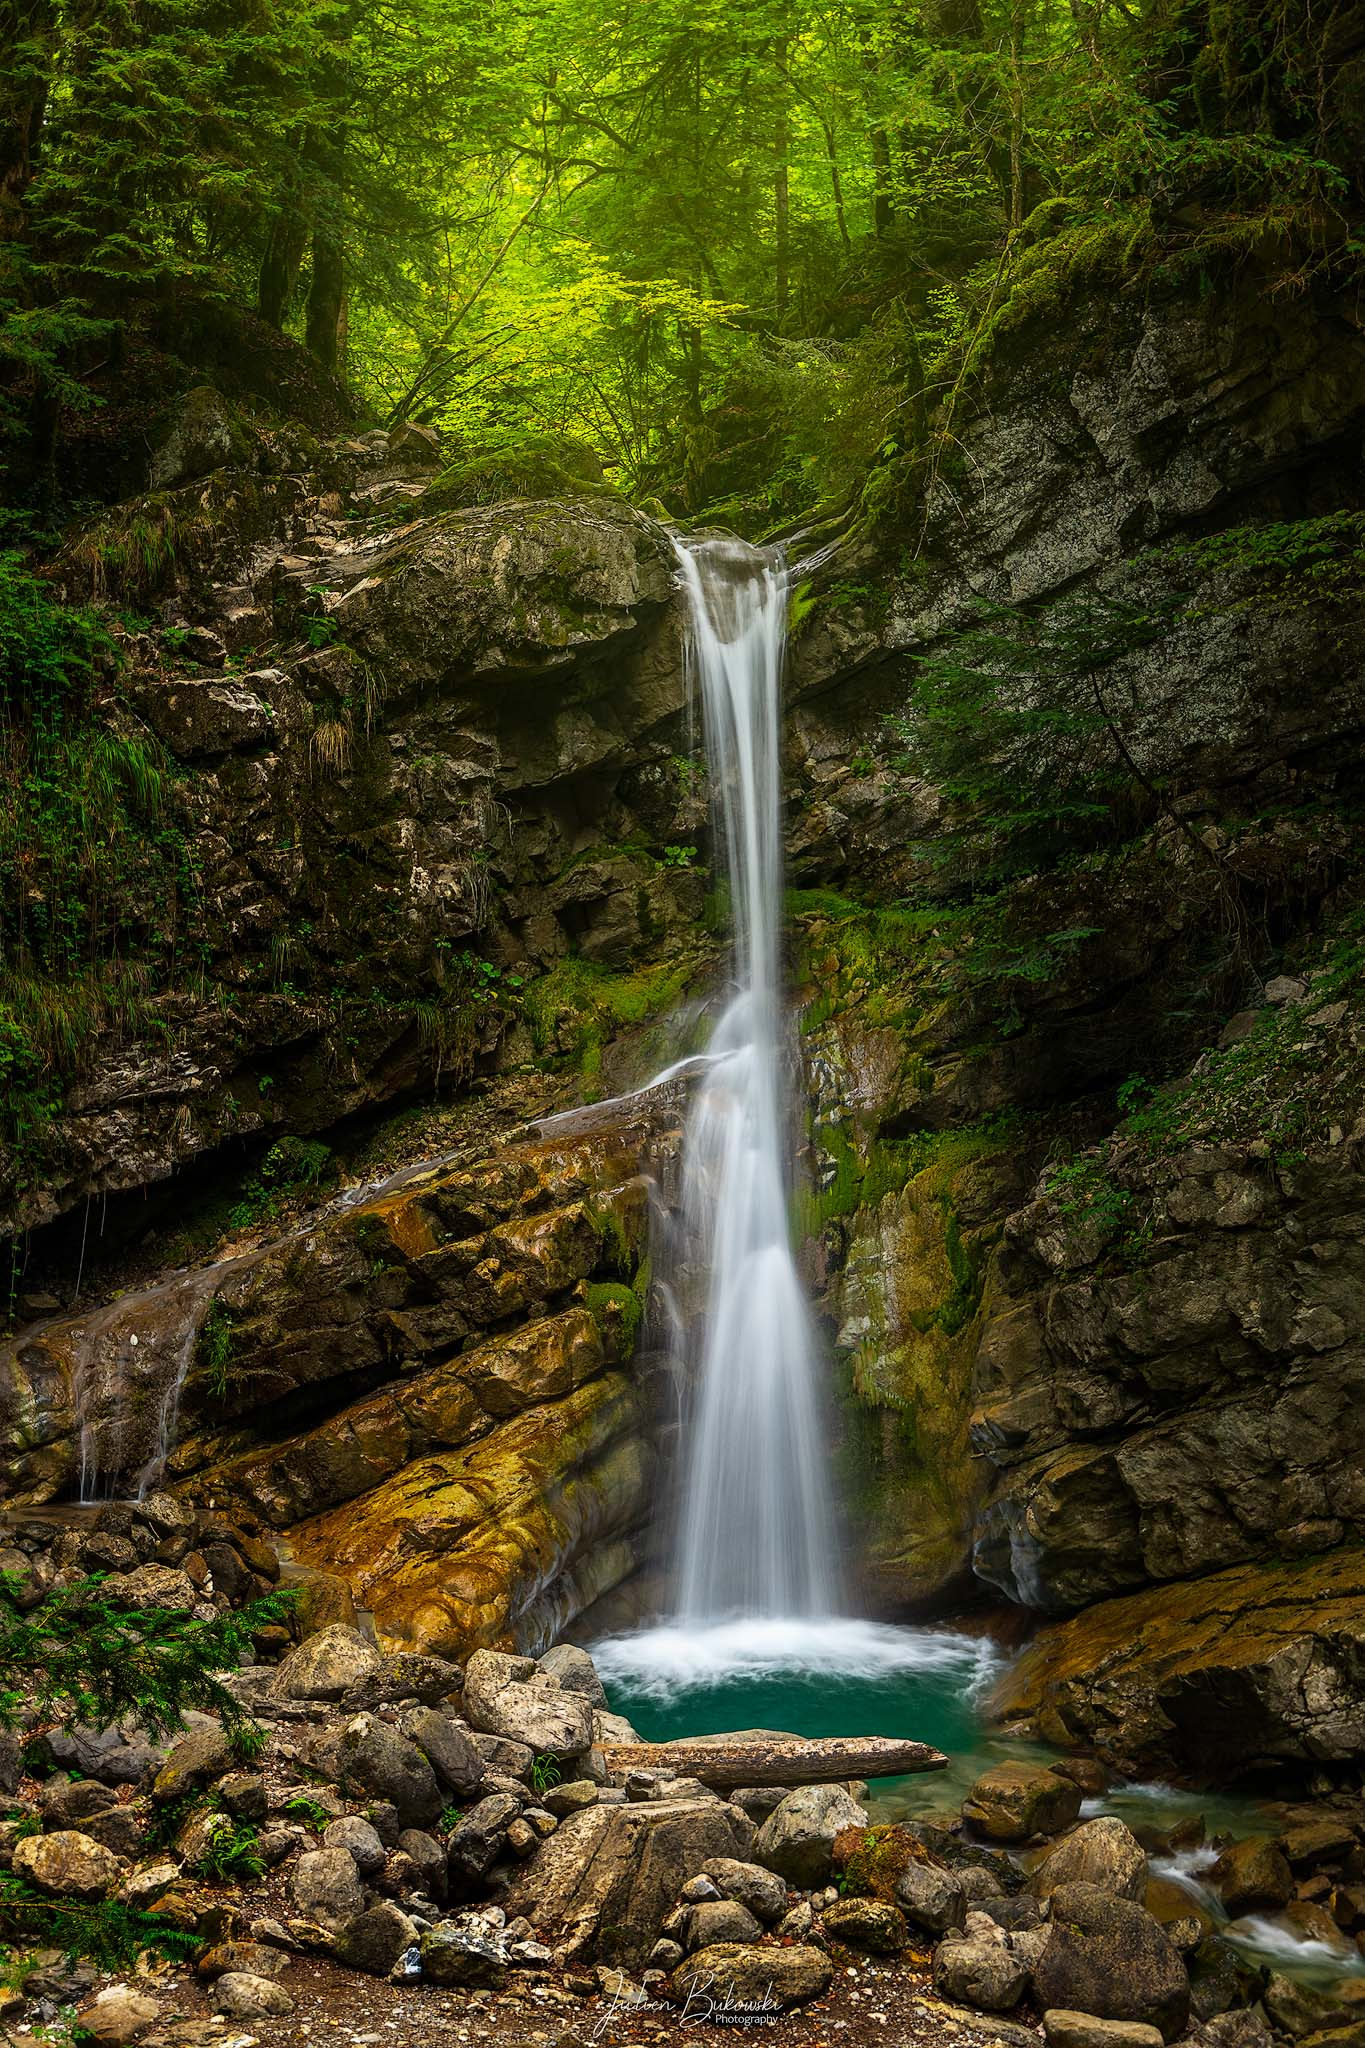 Gorges du chaudron 2 (Suisse)